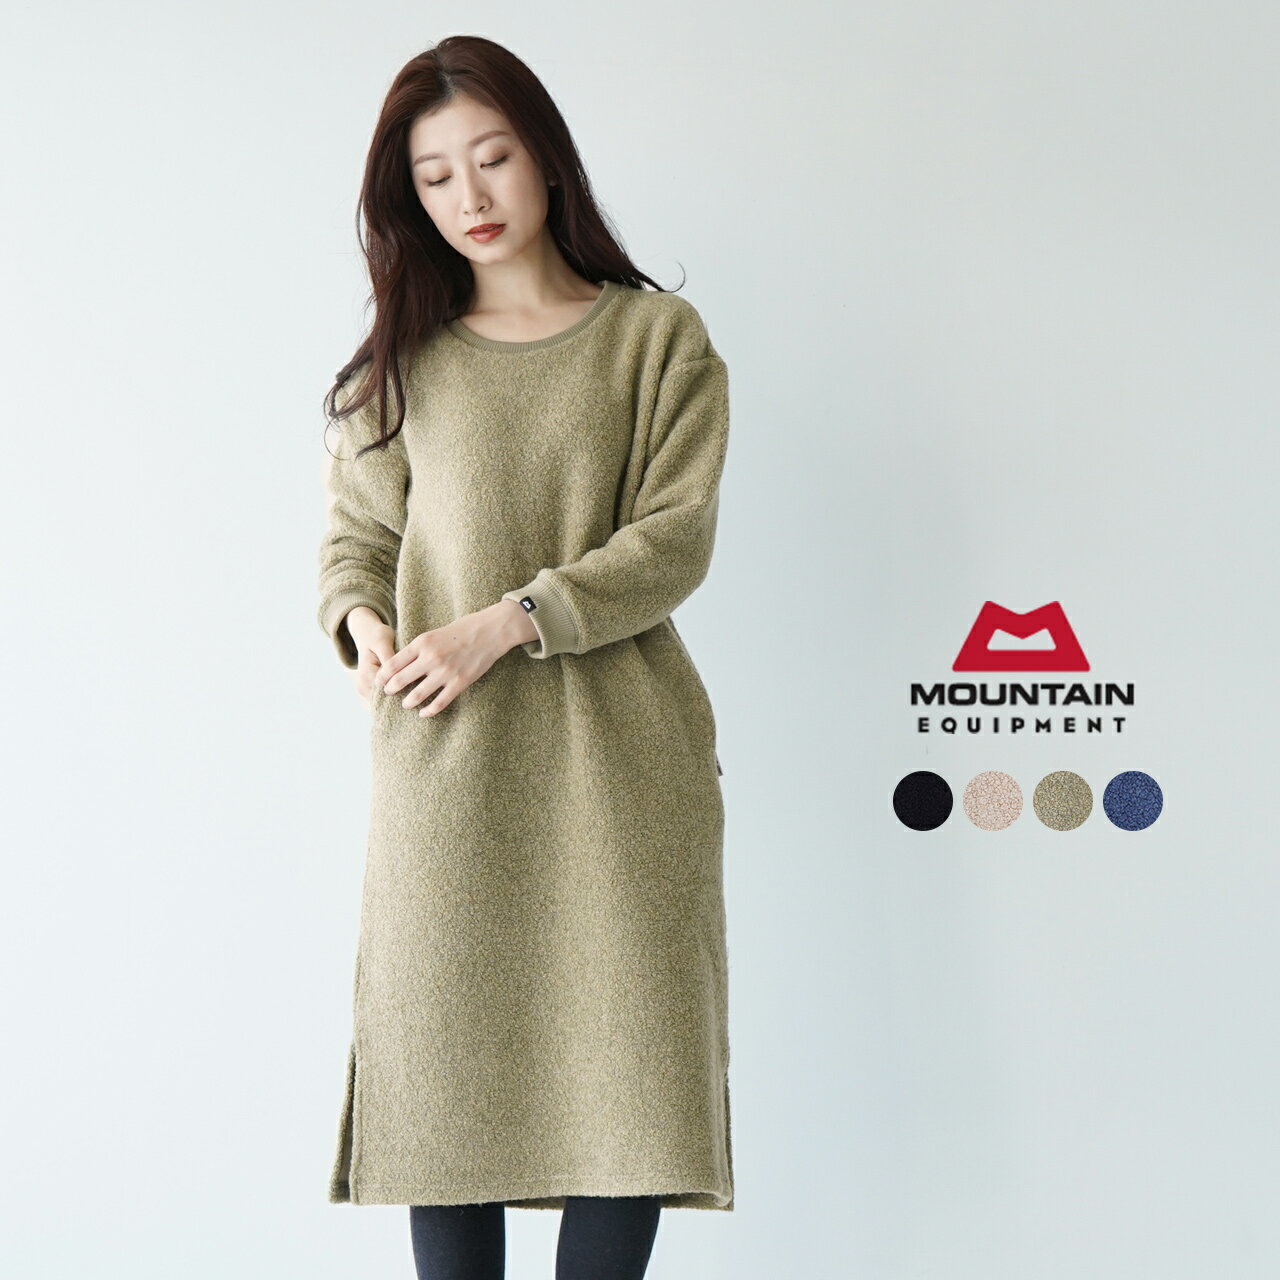 レディースファッション, ワンピース SALE30OFFMOUNTAIN EQUIPMENT WOOL BOA ONE PIECE 424712 1022SALE